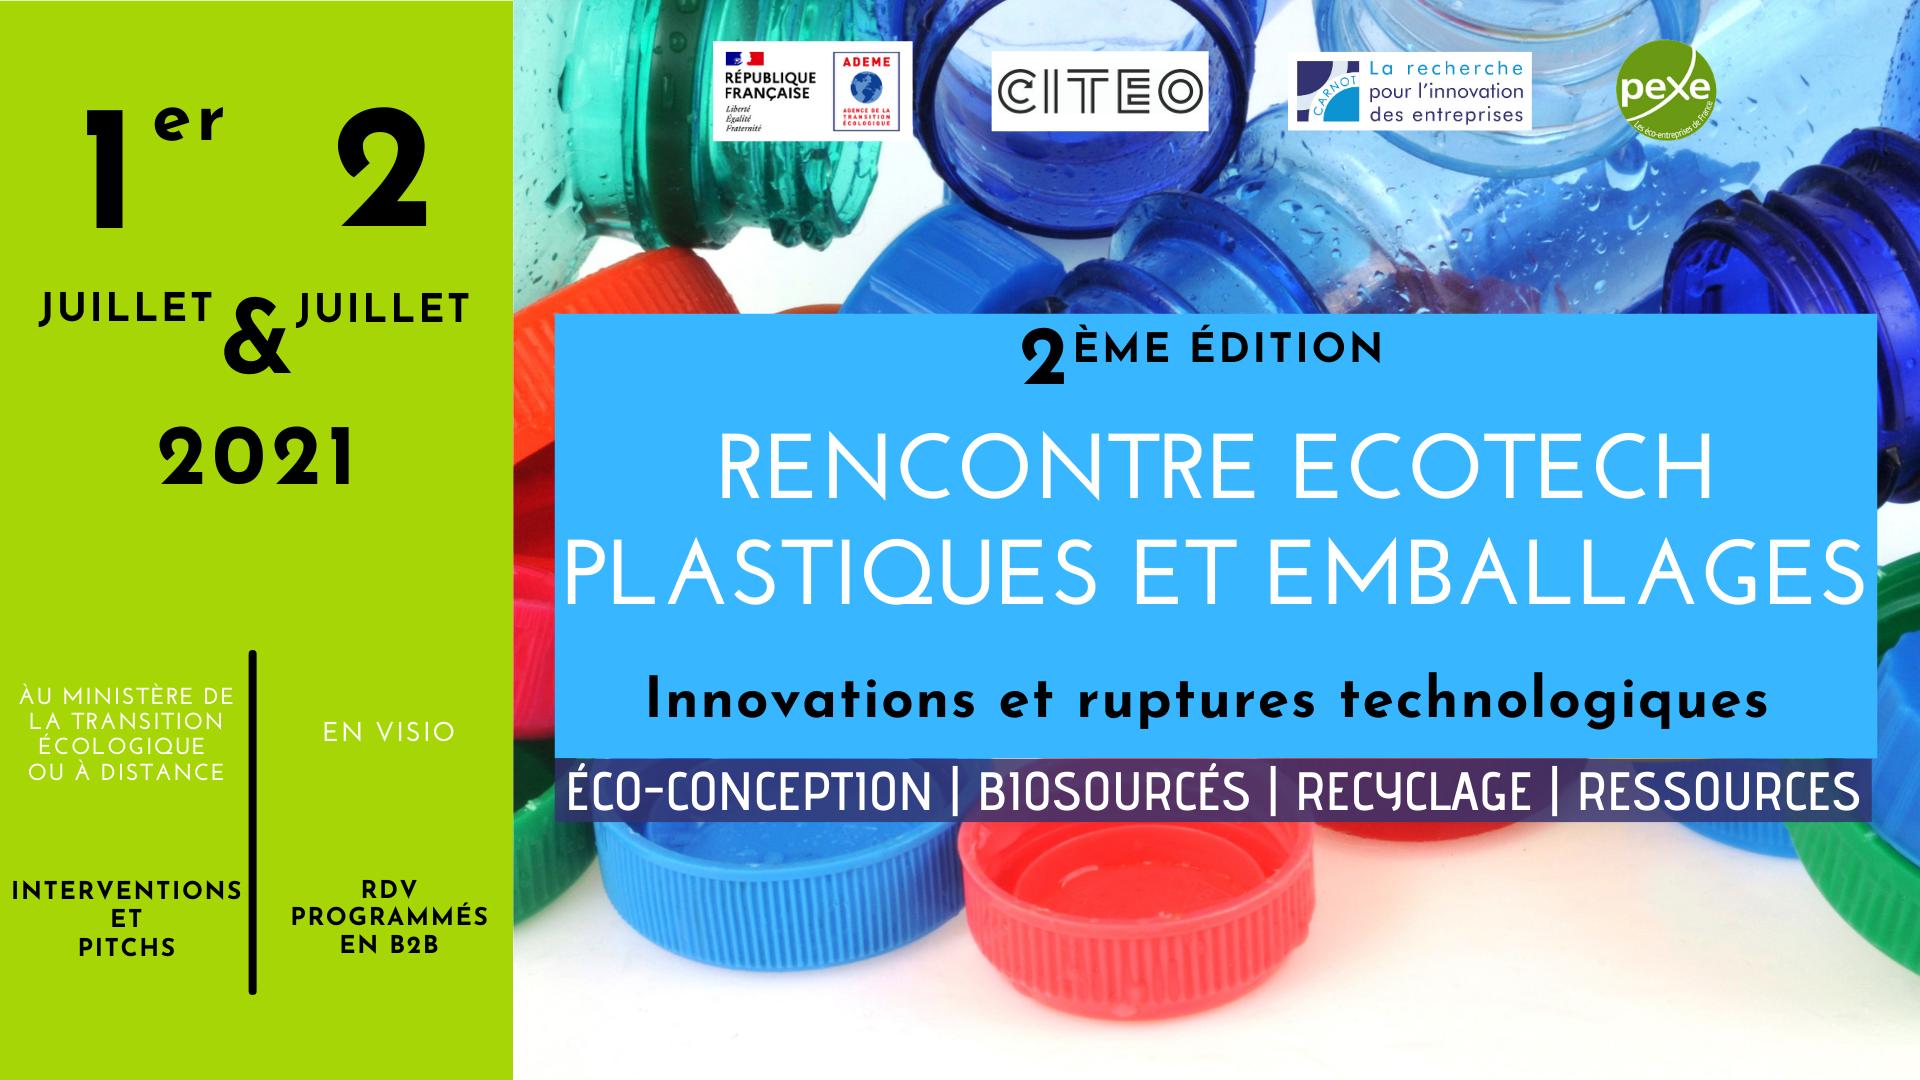 Rencontre ecotech Plastiques et emballages